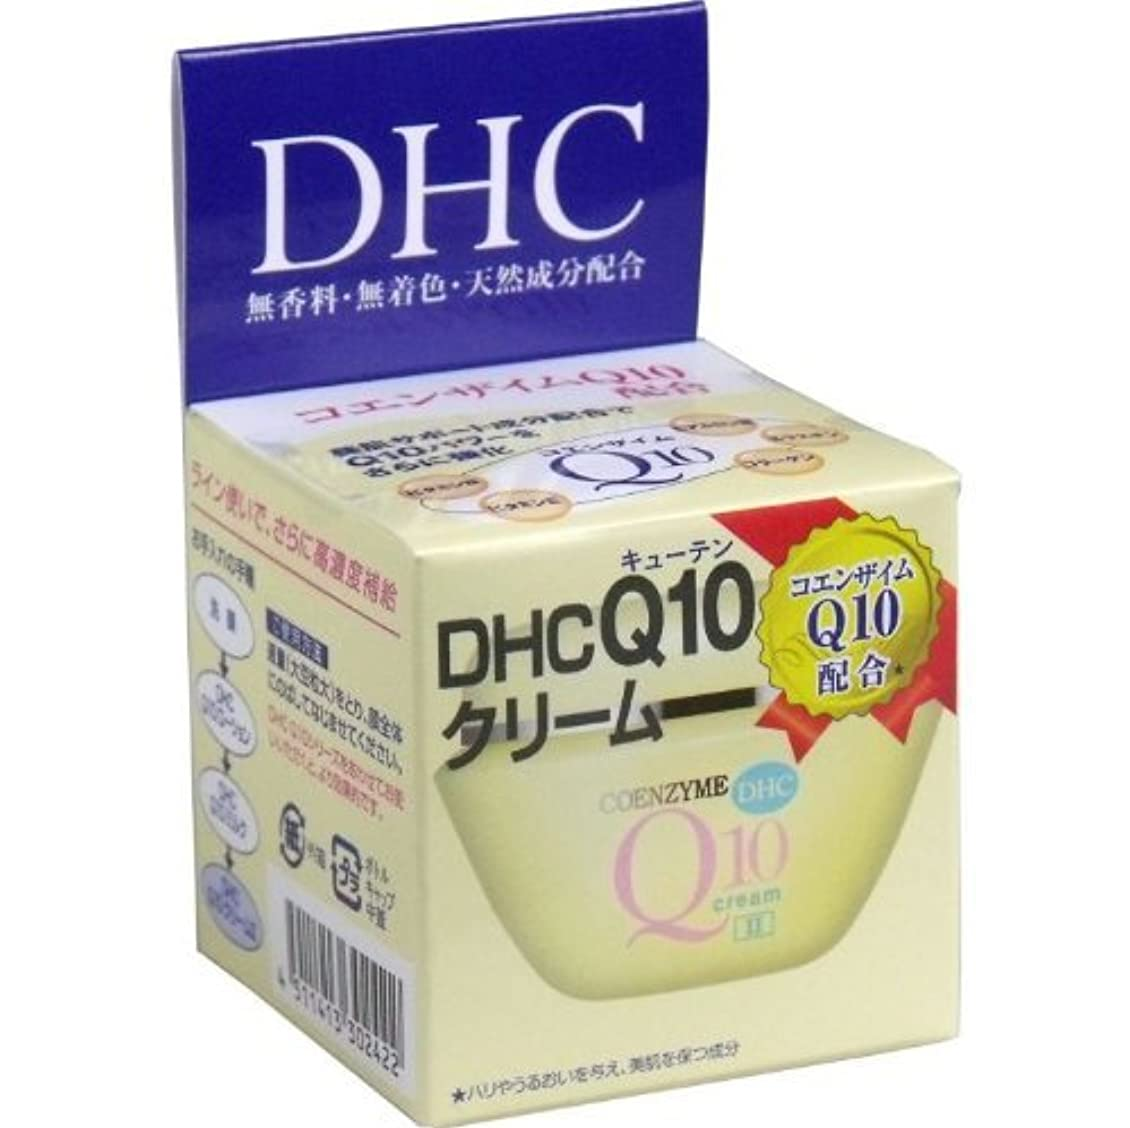 硬さアクティブ年【セット品】DHC Q10クリーム2 20g 7個